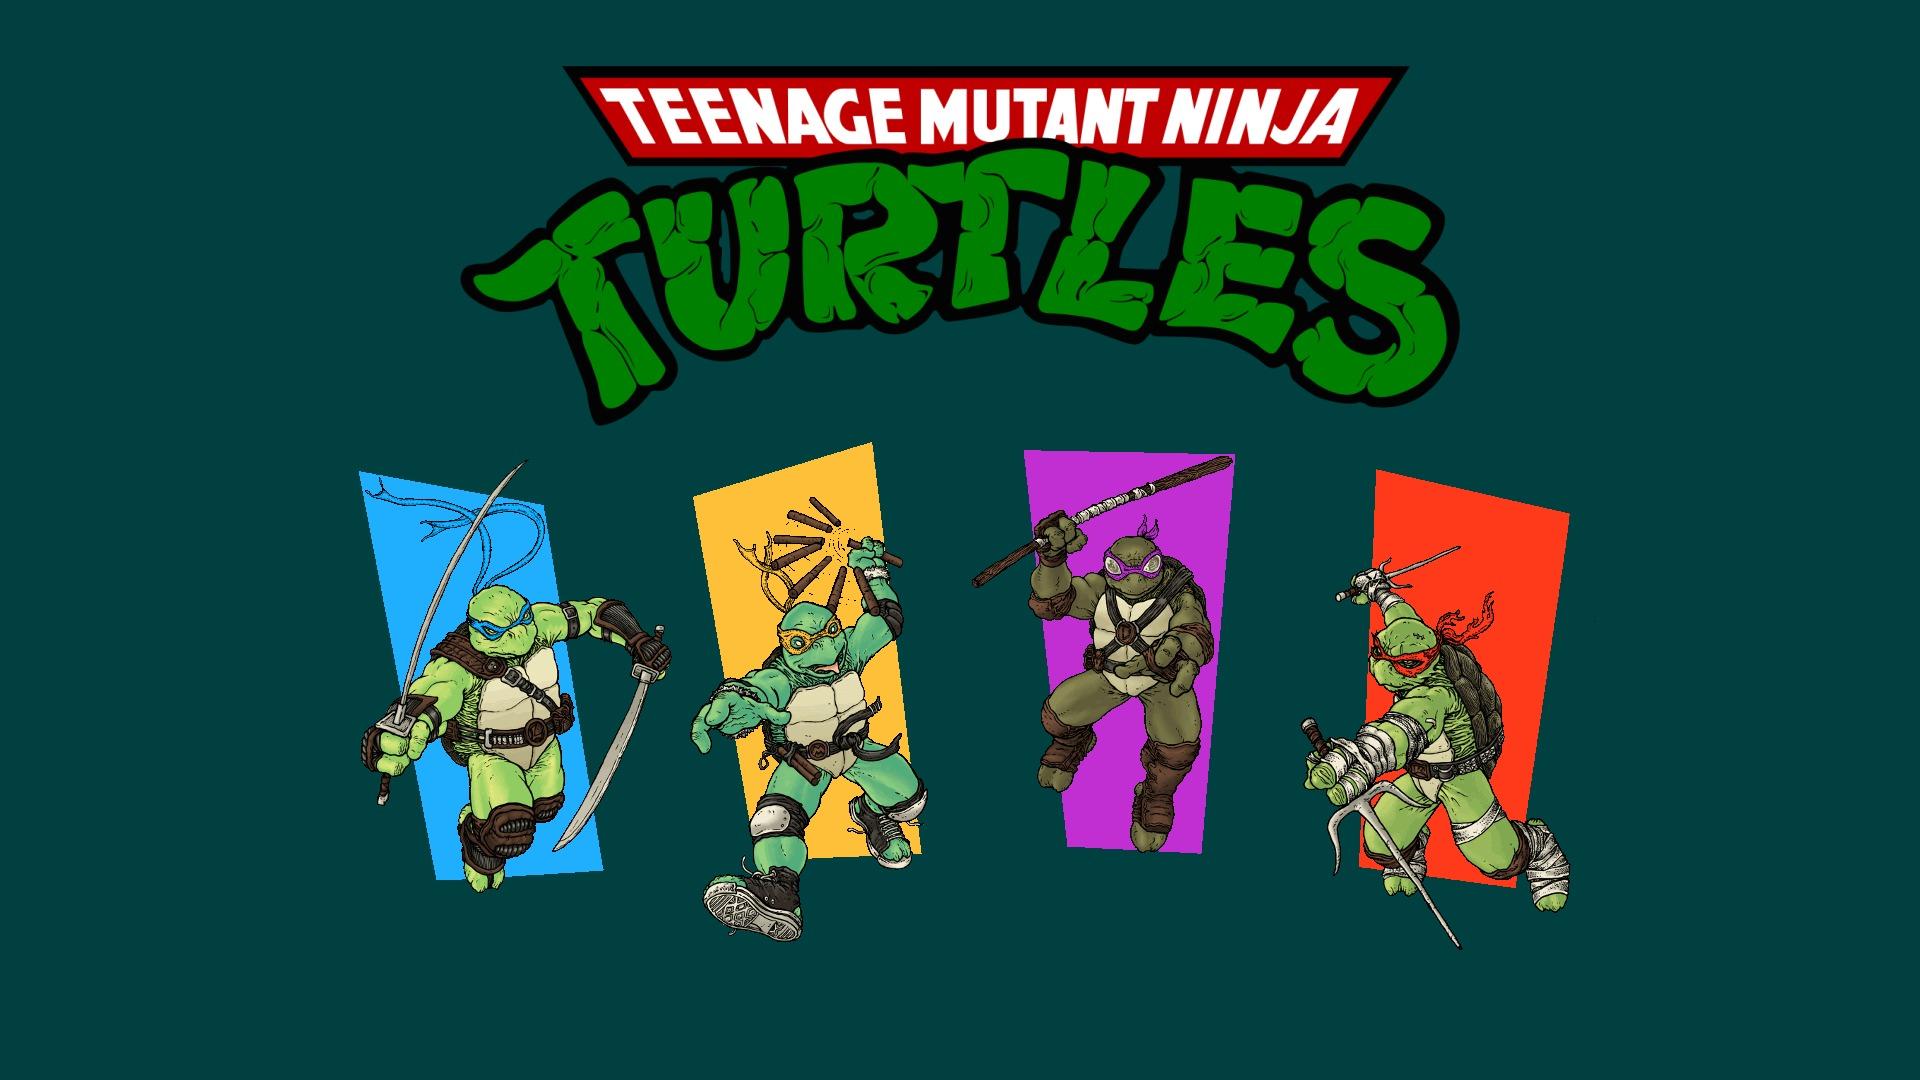 ninja turtles teenage mutant ninja turtles wallpapers minimalism 1920x1080